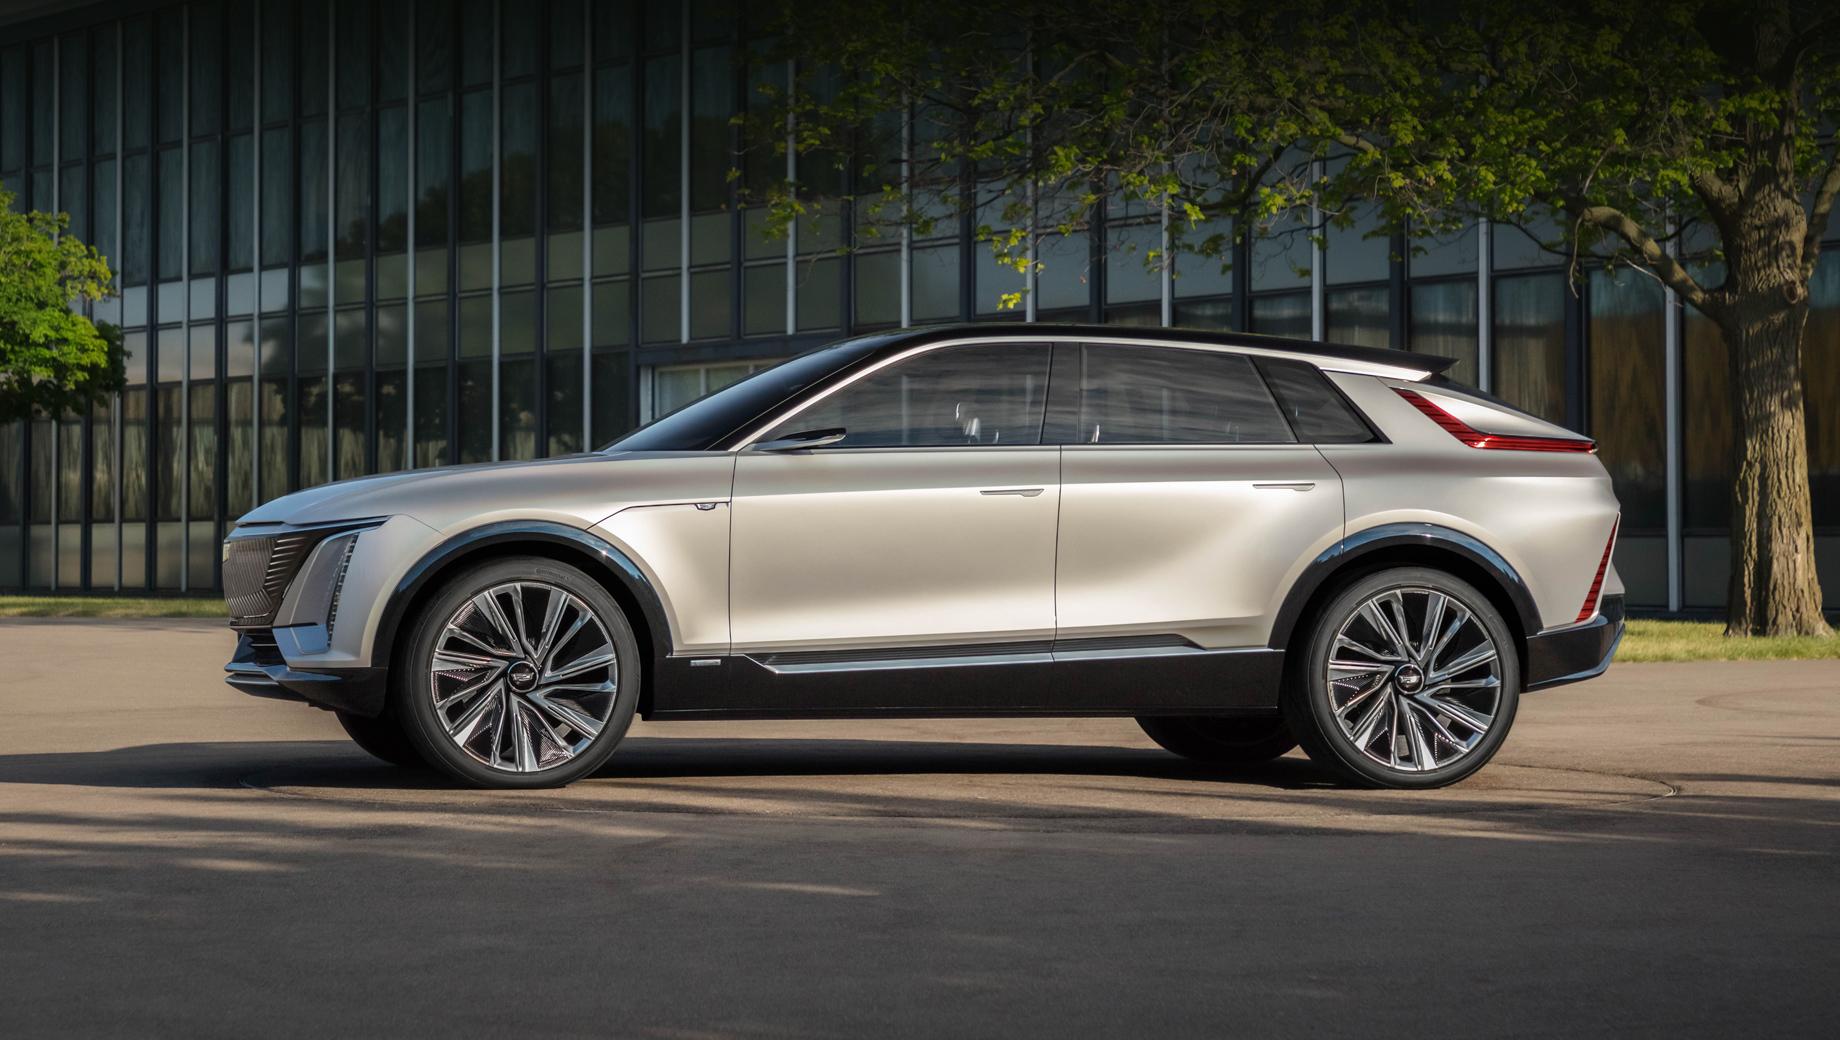 Cadillac lyriq. Электрический кроссовер Cadillac Lyriq был показан в августе как прототип «серийный на 85%». Батарея на 100 кВт•ч обеспечит машине пробег на зарядке «свыше 300 миль» (482 км).